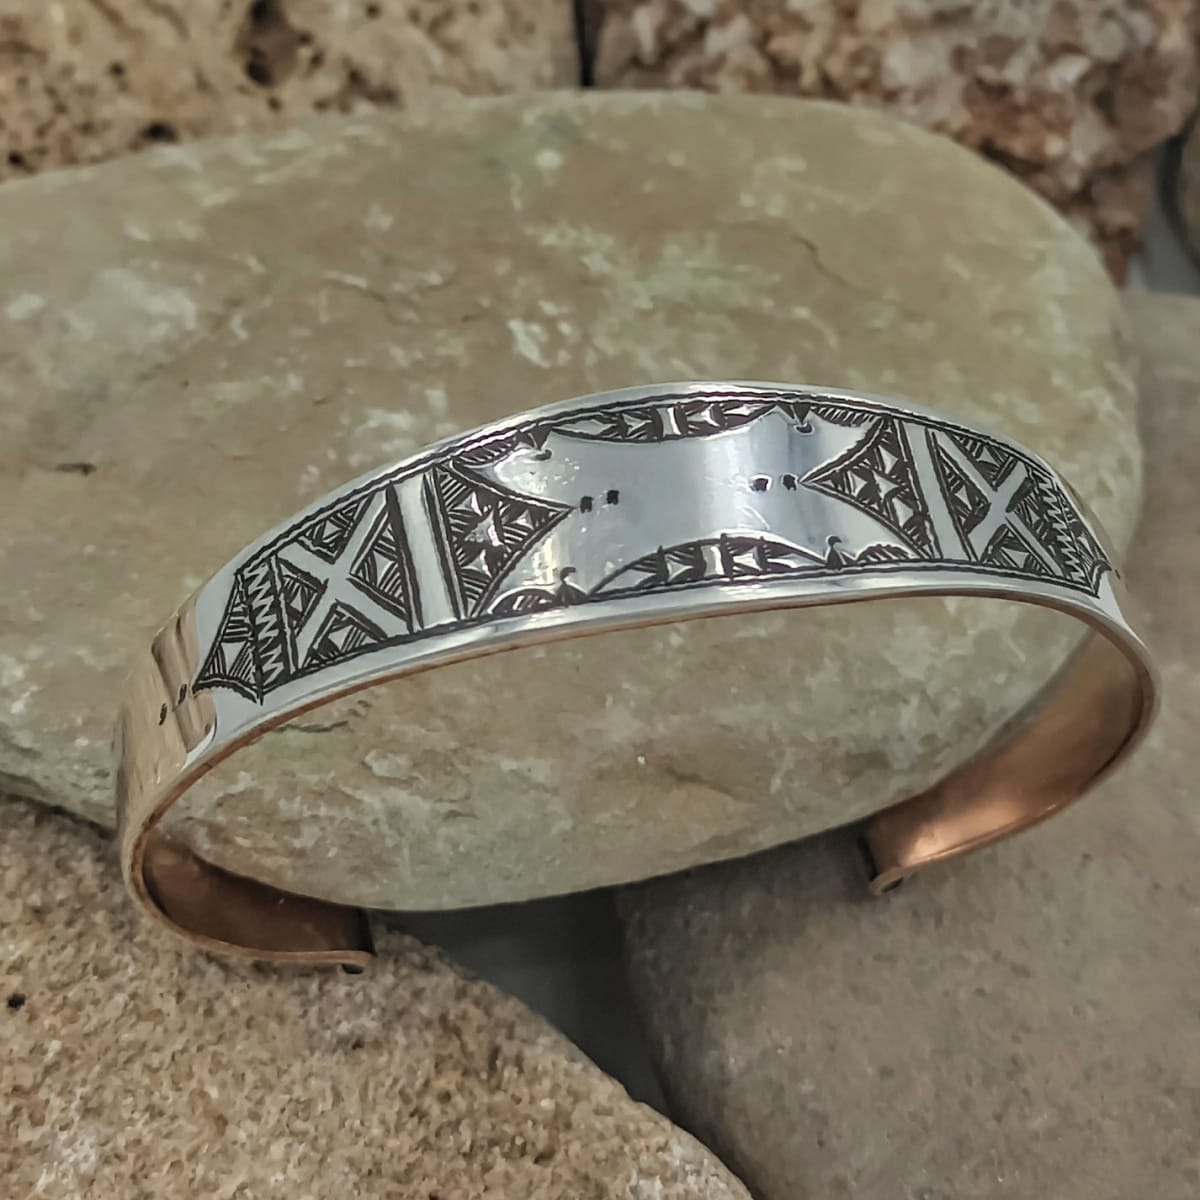 Bracelet 800 Tiznit Silver Orange, Black Morocco